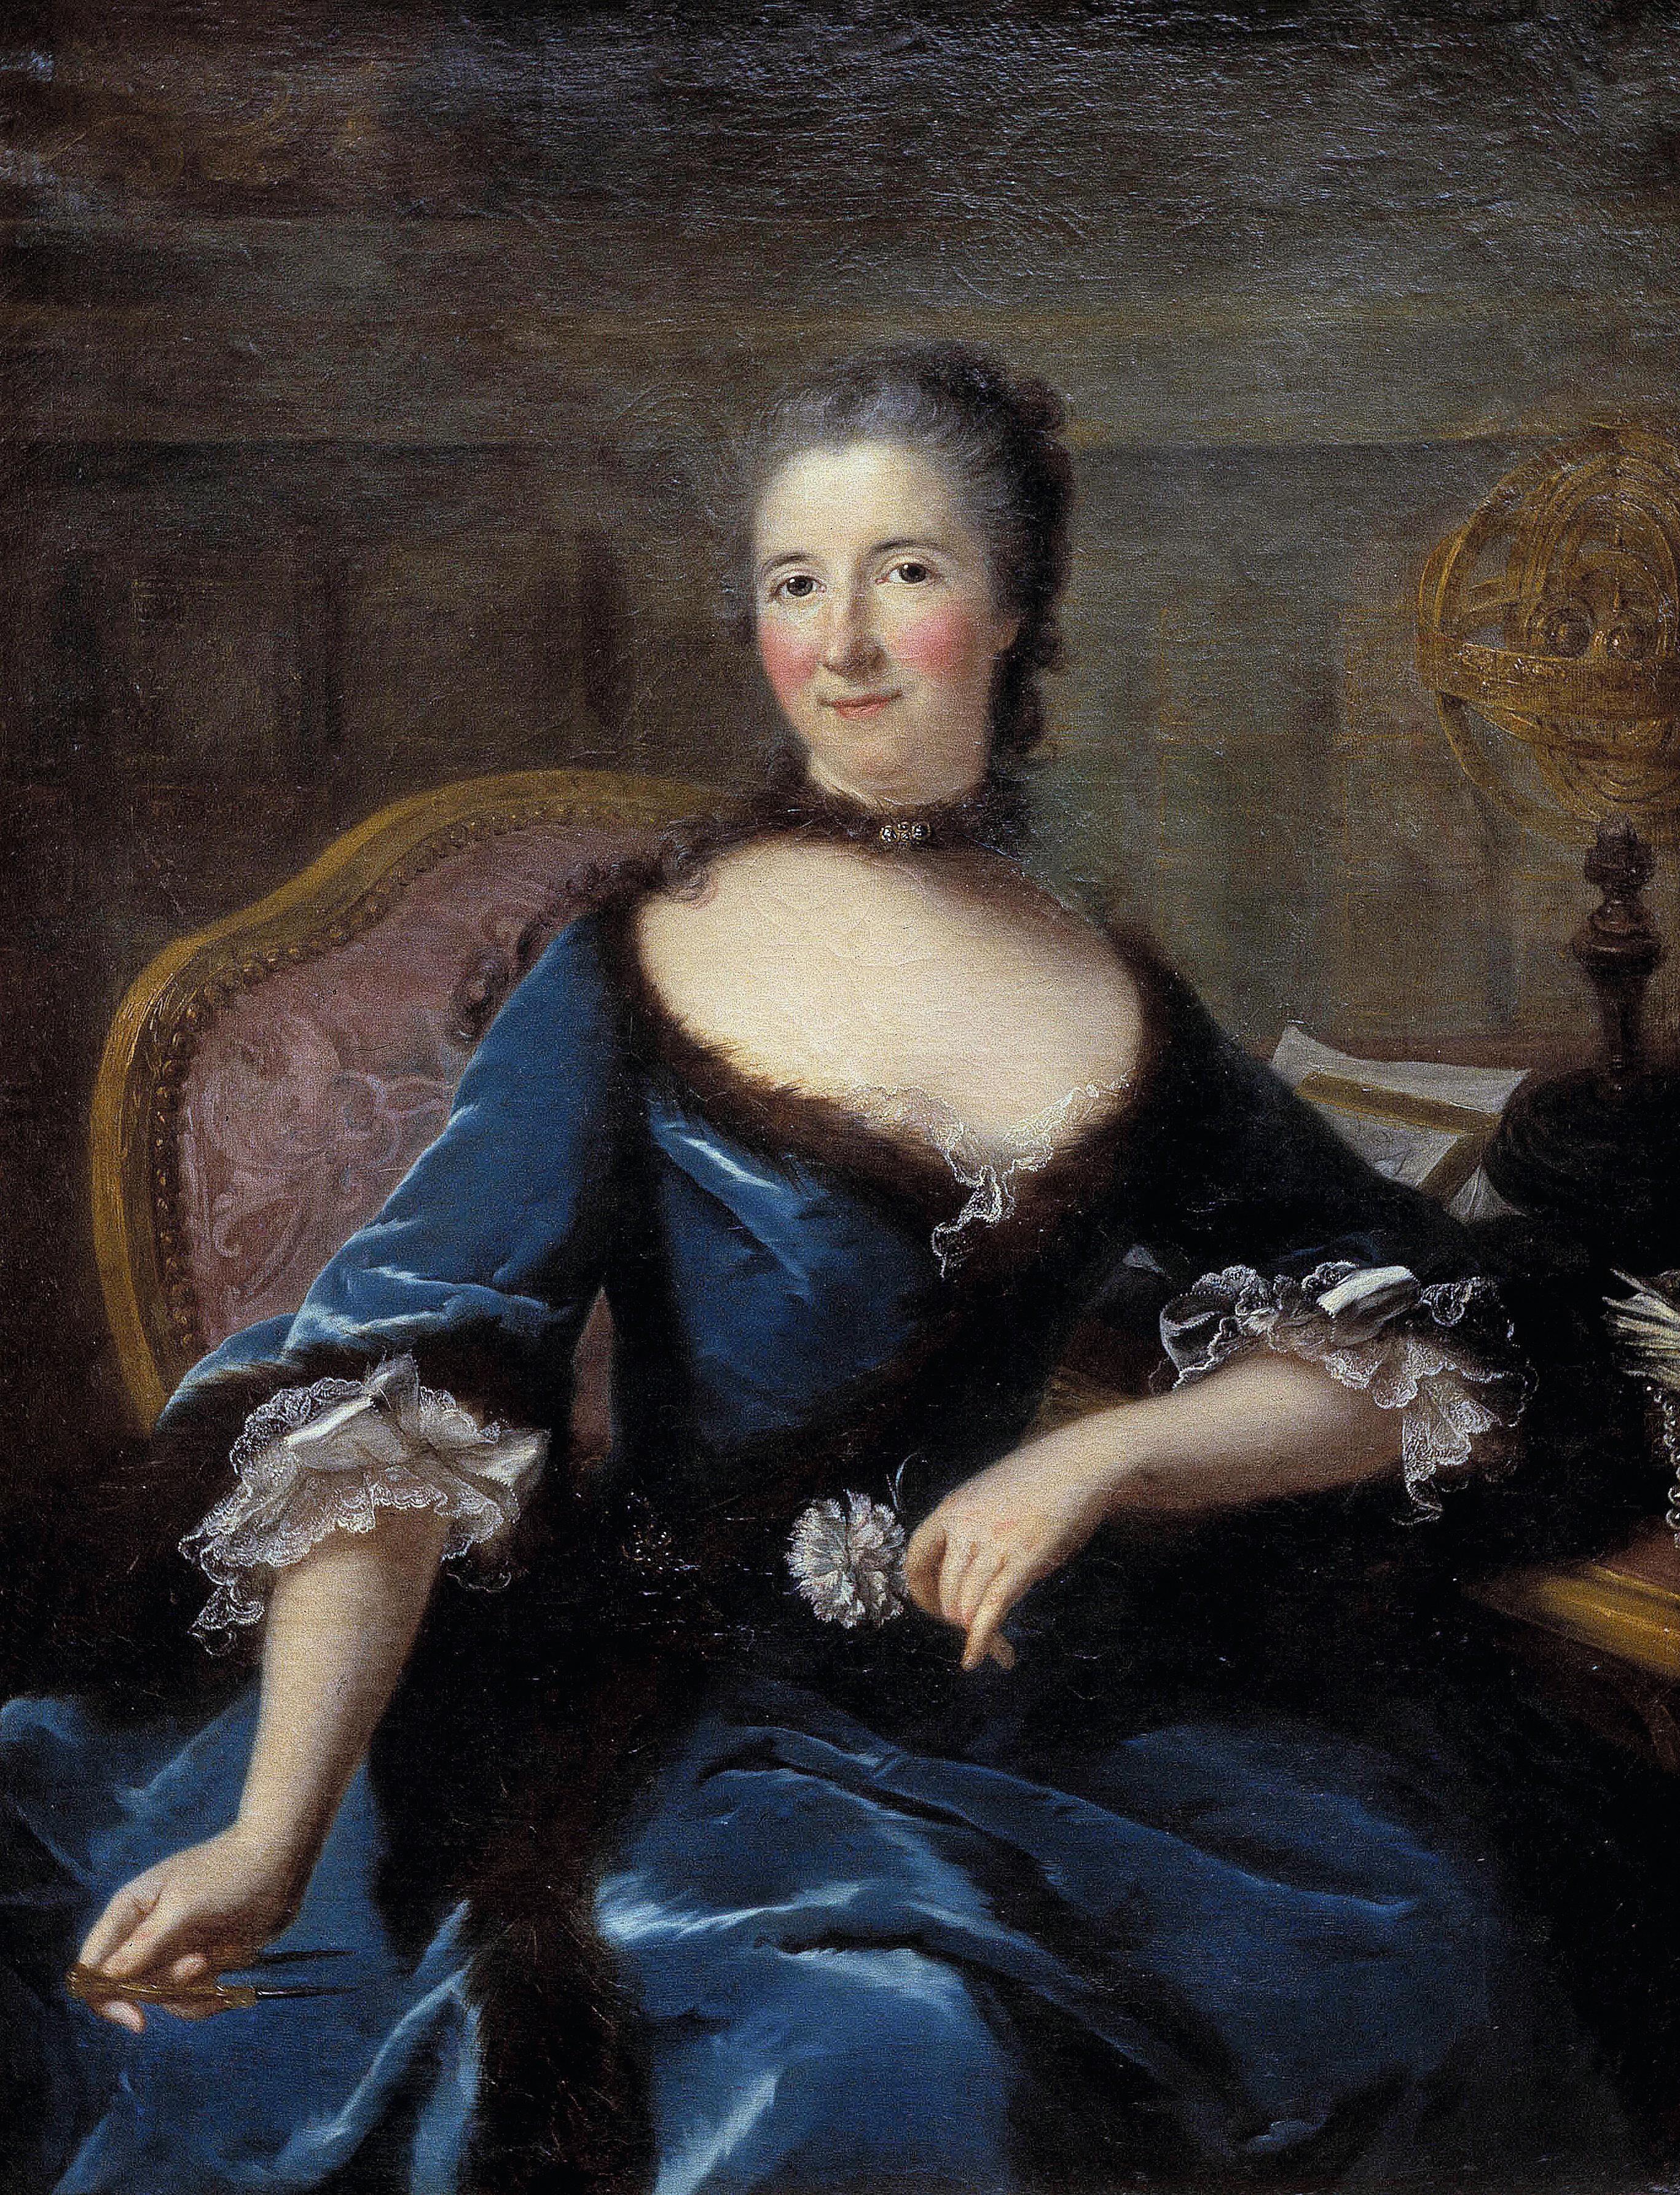 Marianne Loir, Portrait de Gabrielle Émilie Le Tonnelier de Breteuil, marquise du Châtelet, 1803, huile sur toile, 118 x 96 cm, musée des Beaux-Arts, Bordeaux.